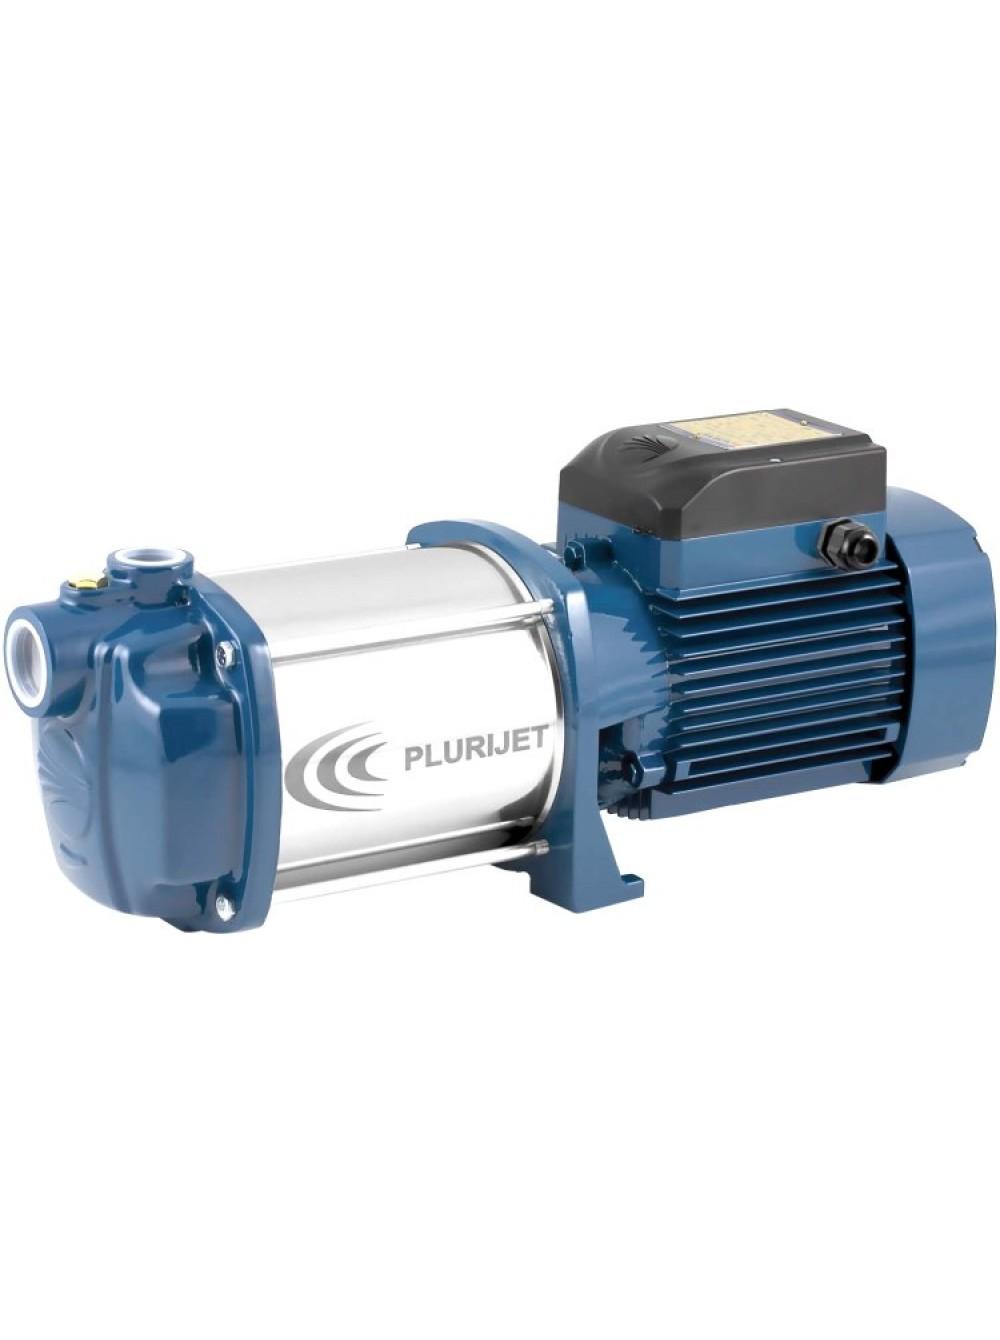 Многоступенчатый центробежный насос Pedrollo PLURIJETm 3/130 1,1 кВт цена